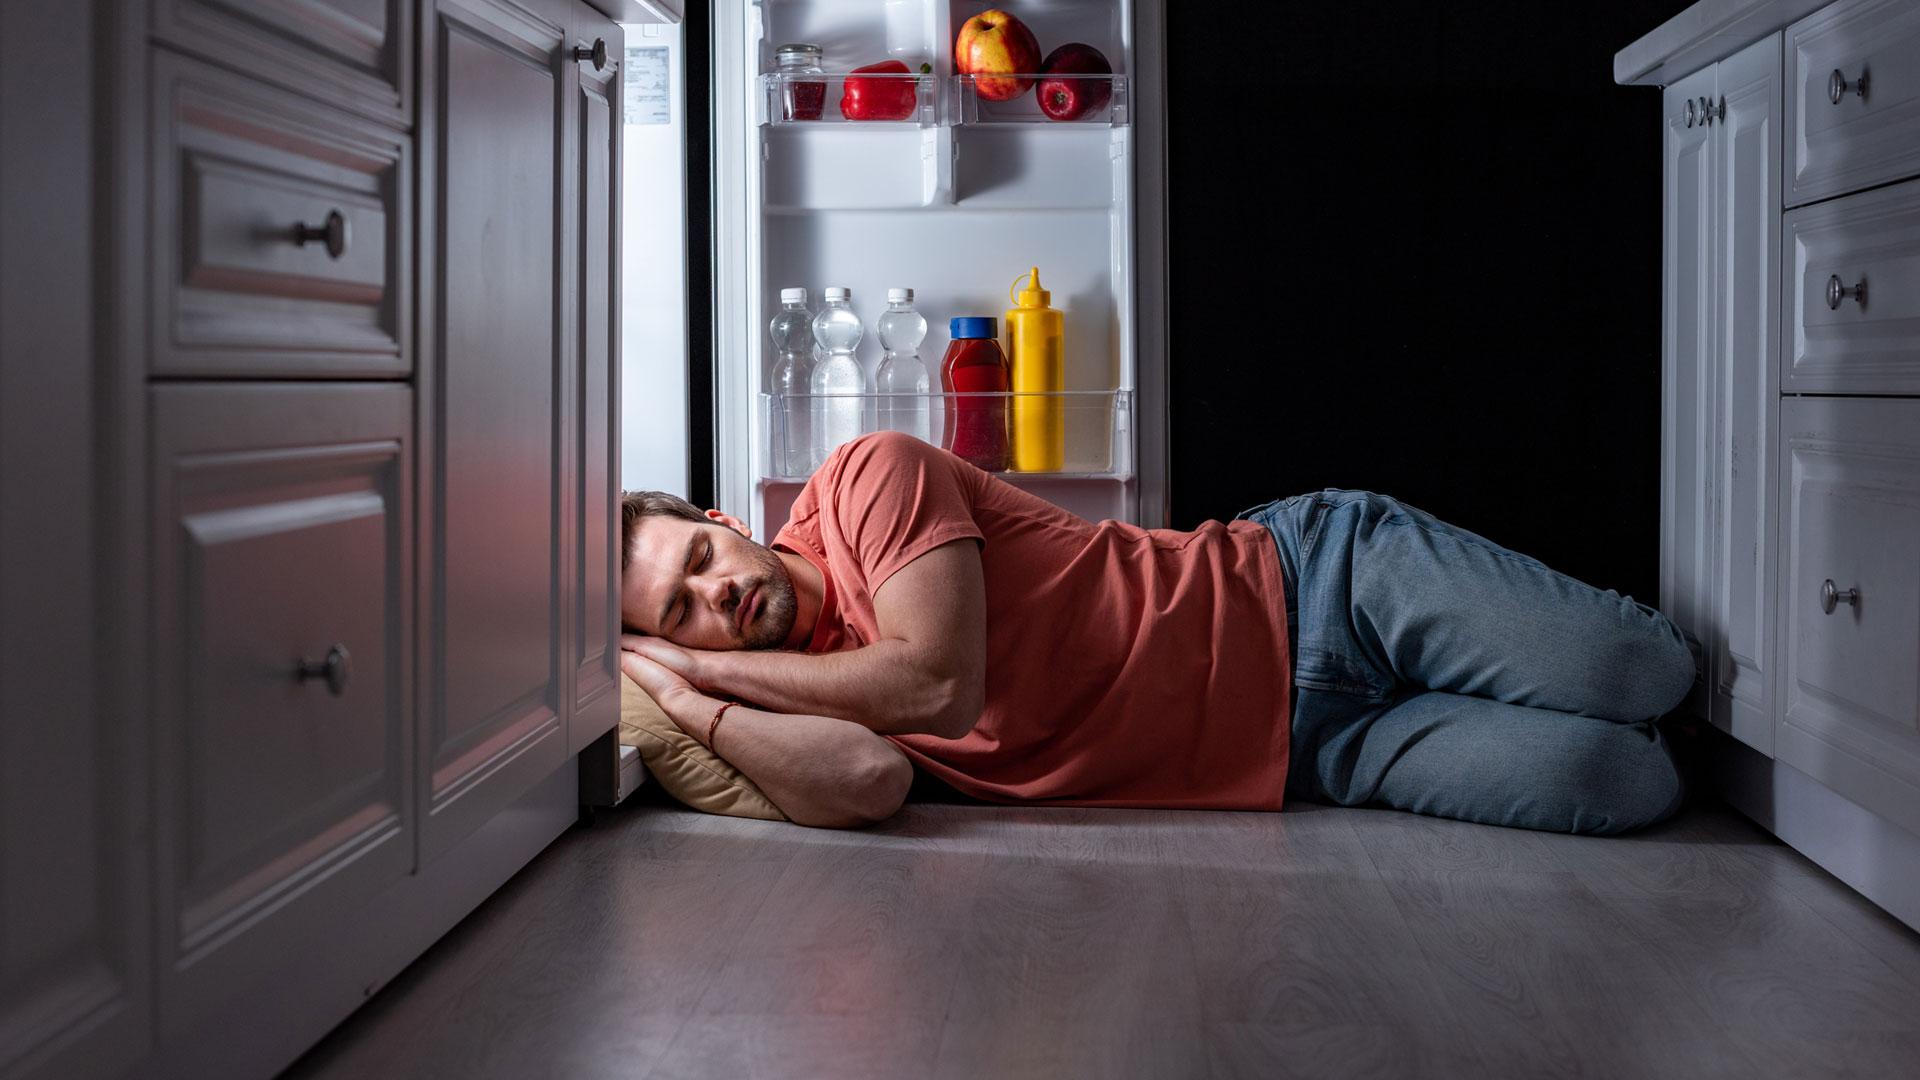 Młody mężczyzna śpi w kuchni z głową w lodówce